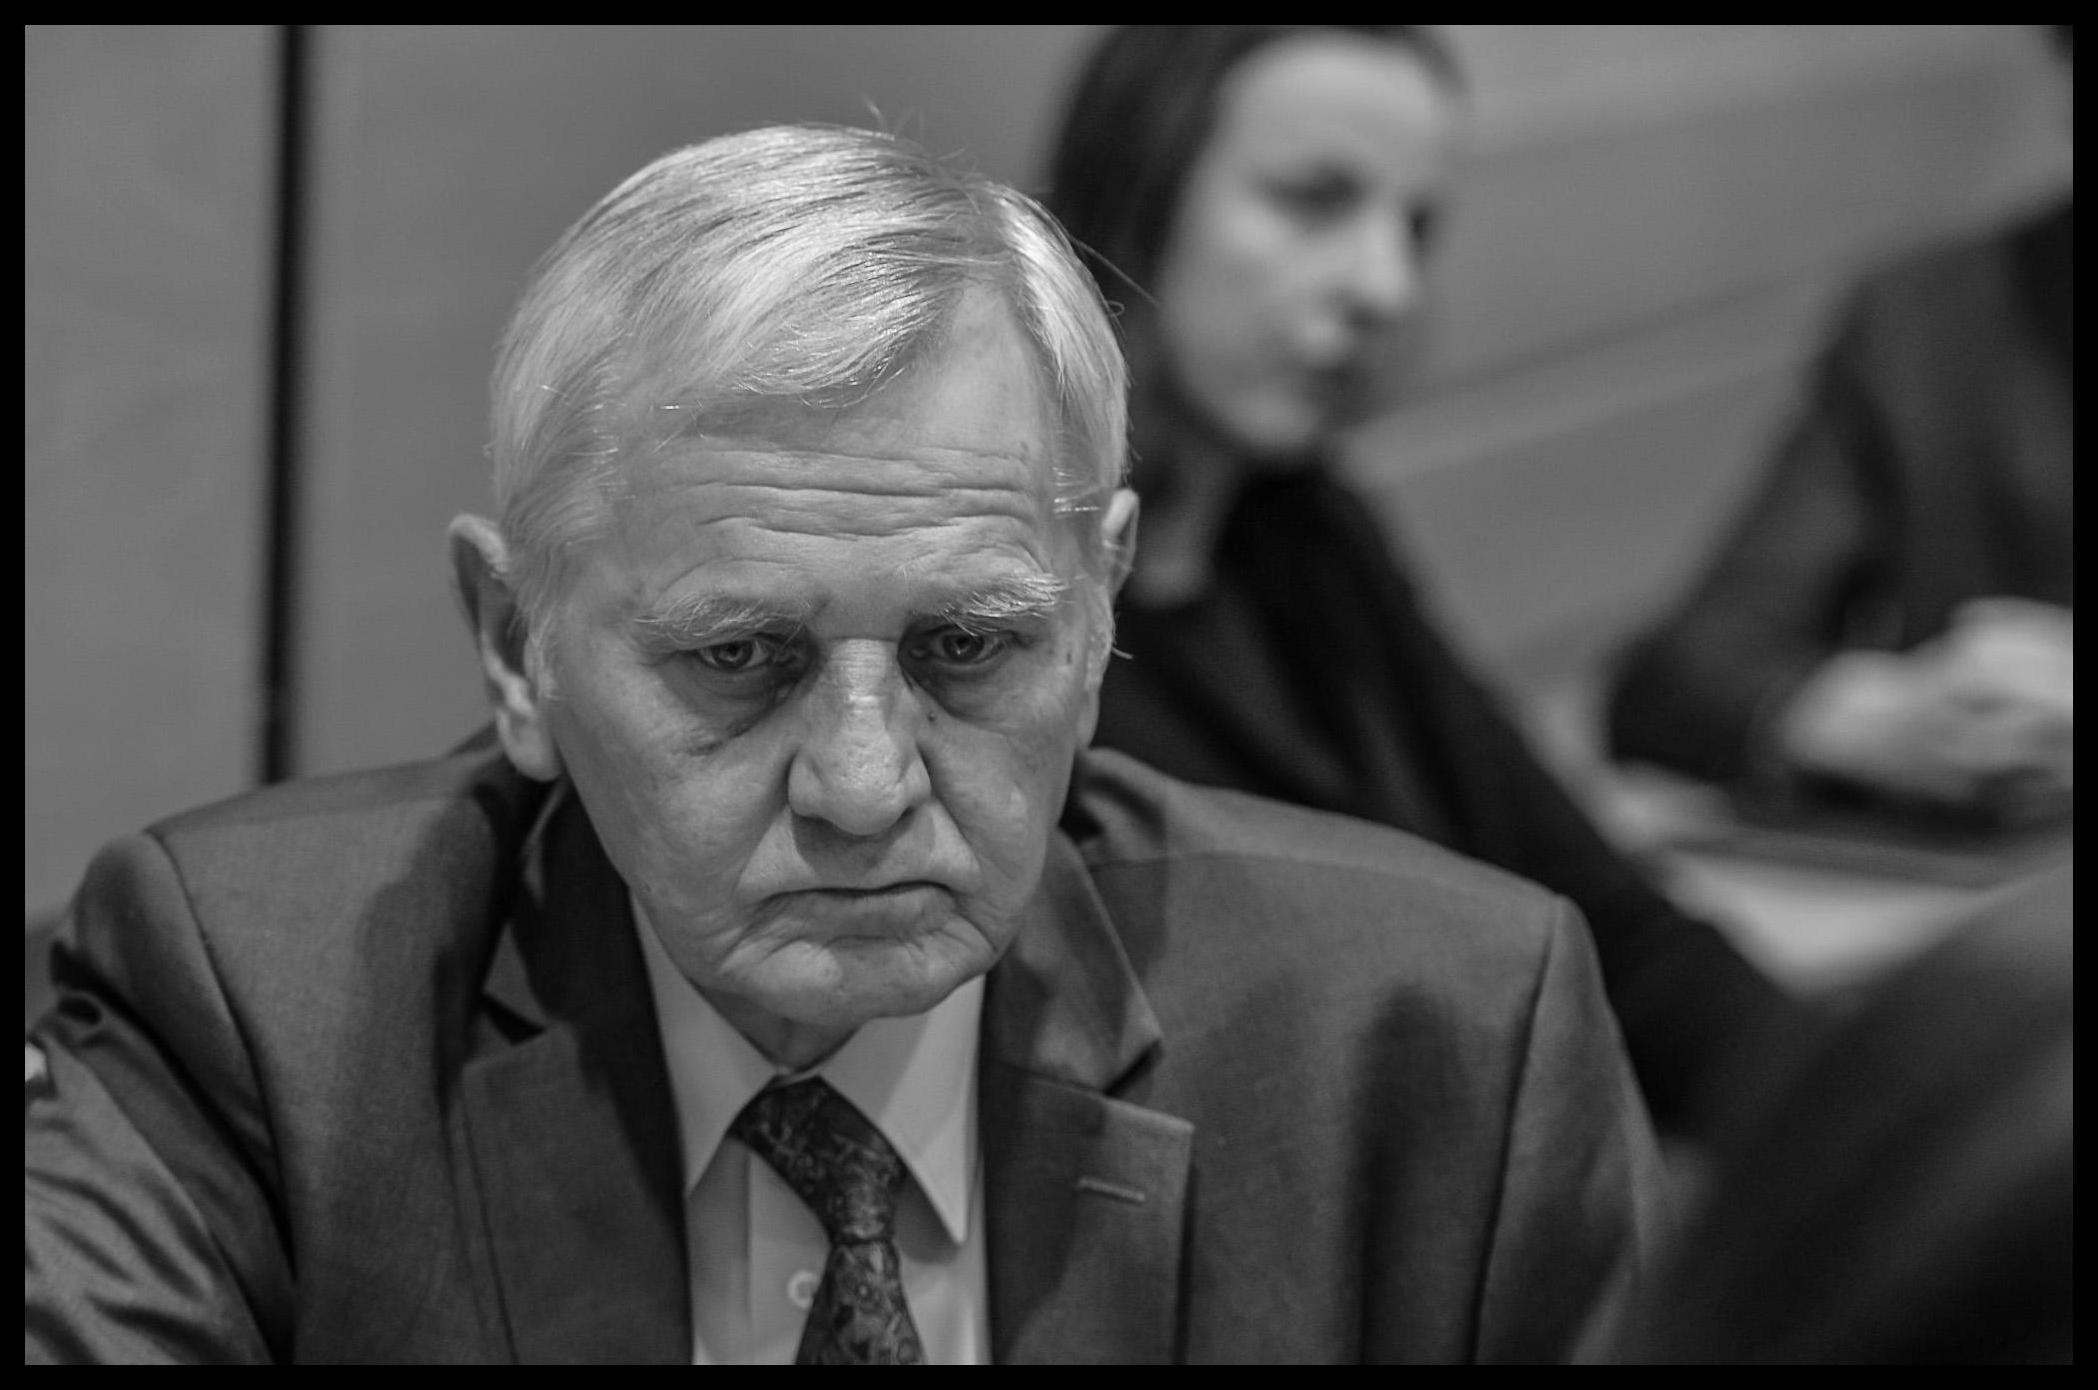 Krzysztof Chachulski / fot. Przemysław Świderski